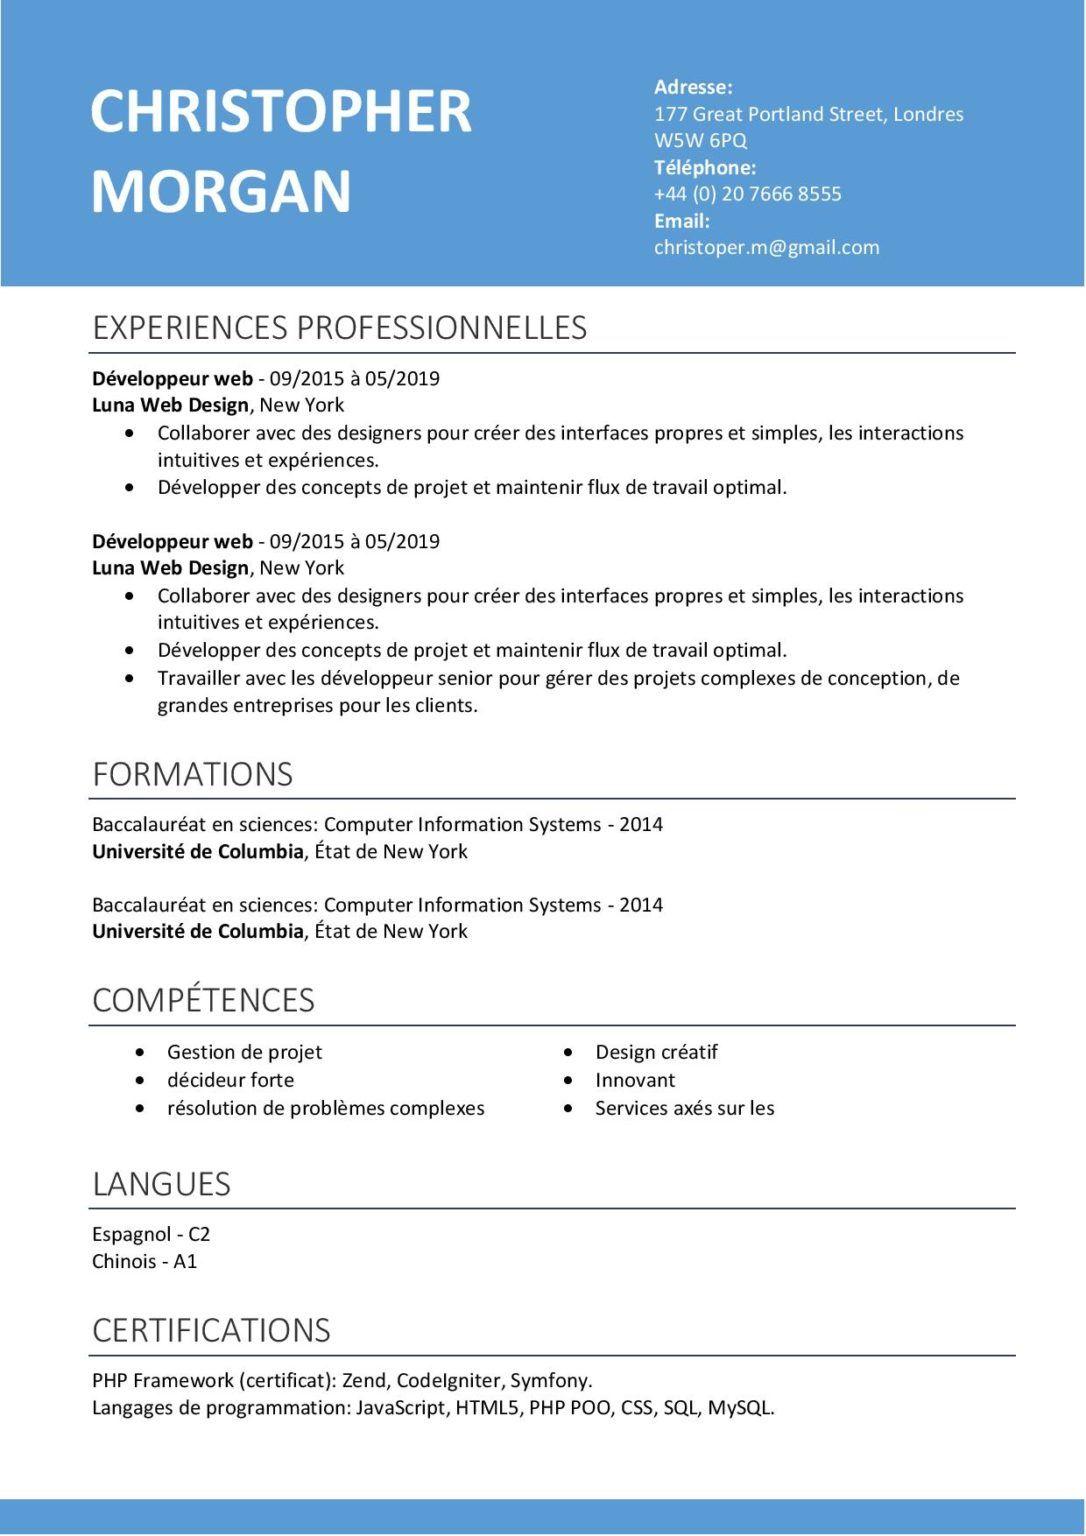 modèle de CV classique Word gratuit cvgenie.fr en 2020